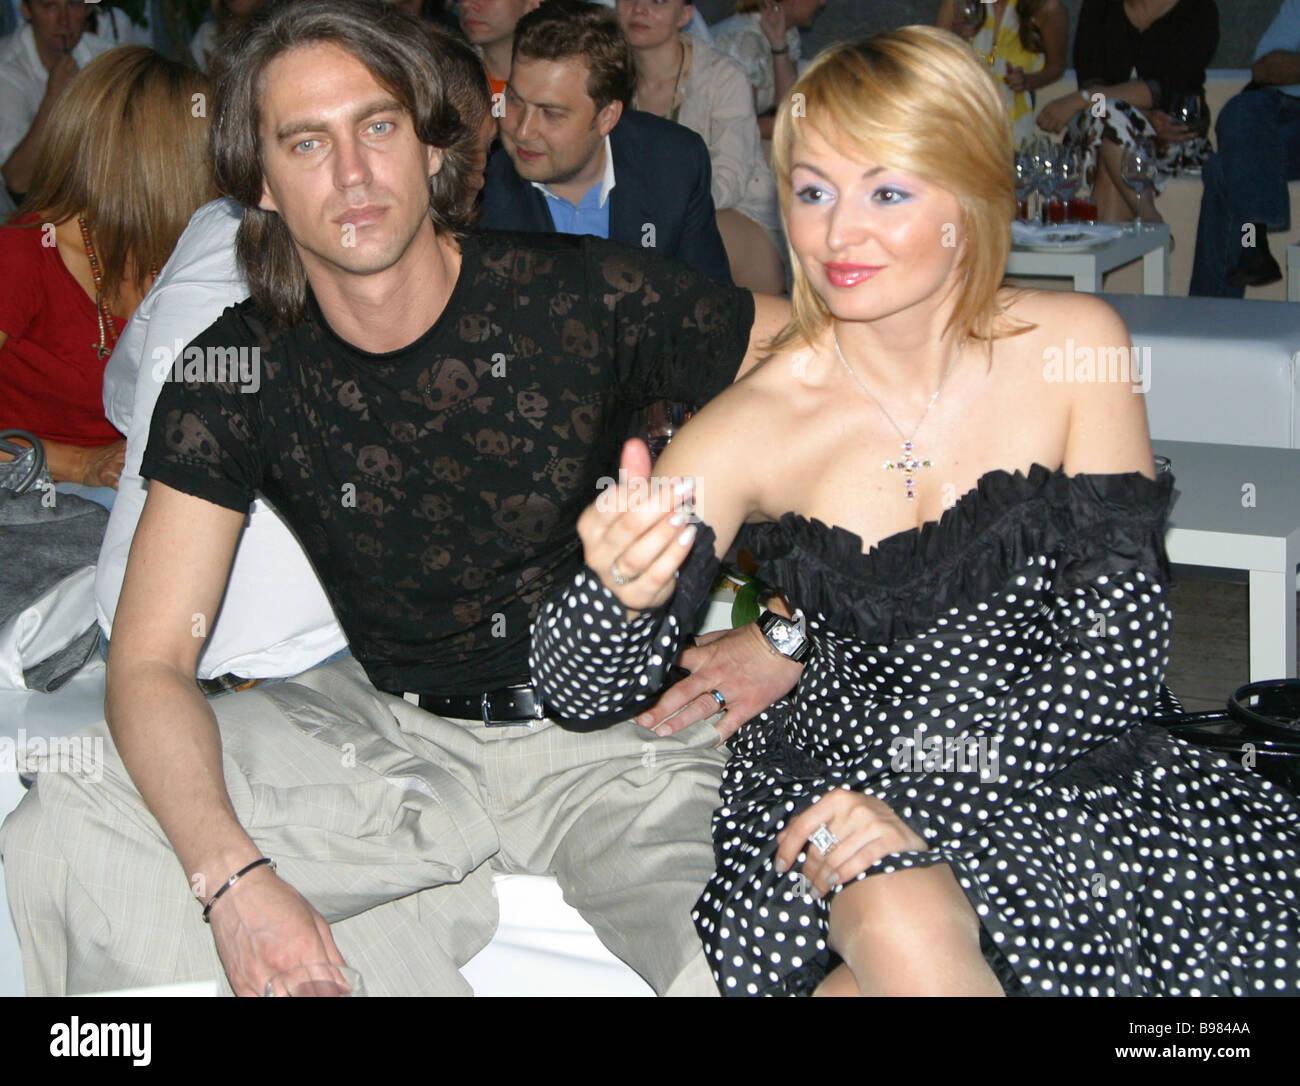 Sängerin Katja Lel und ihr Verlobter Igor bei der Premiere von Geschäftsmann Emin Agalarov s single unglaublich Stockbild